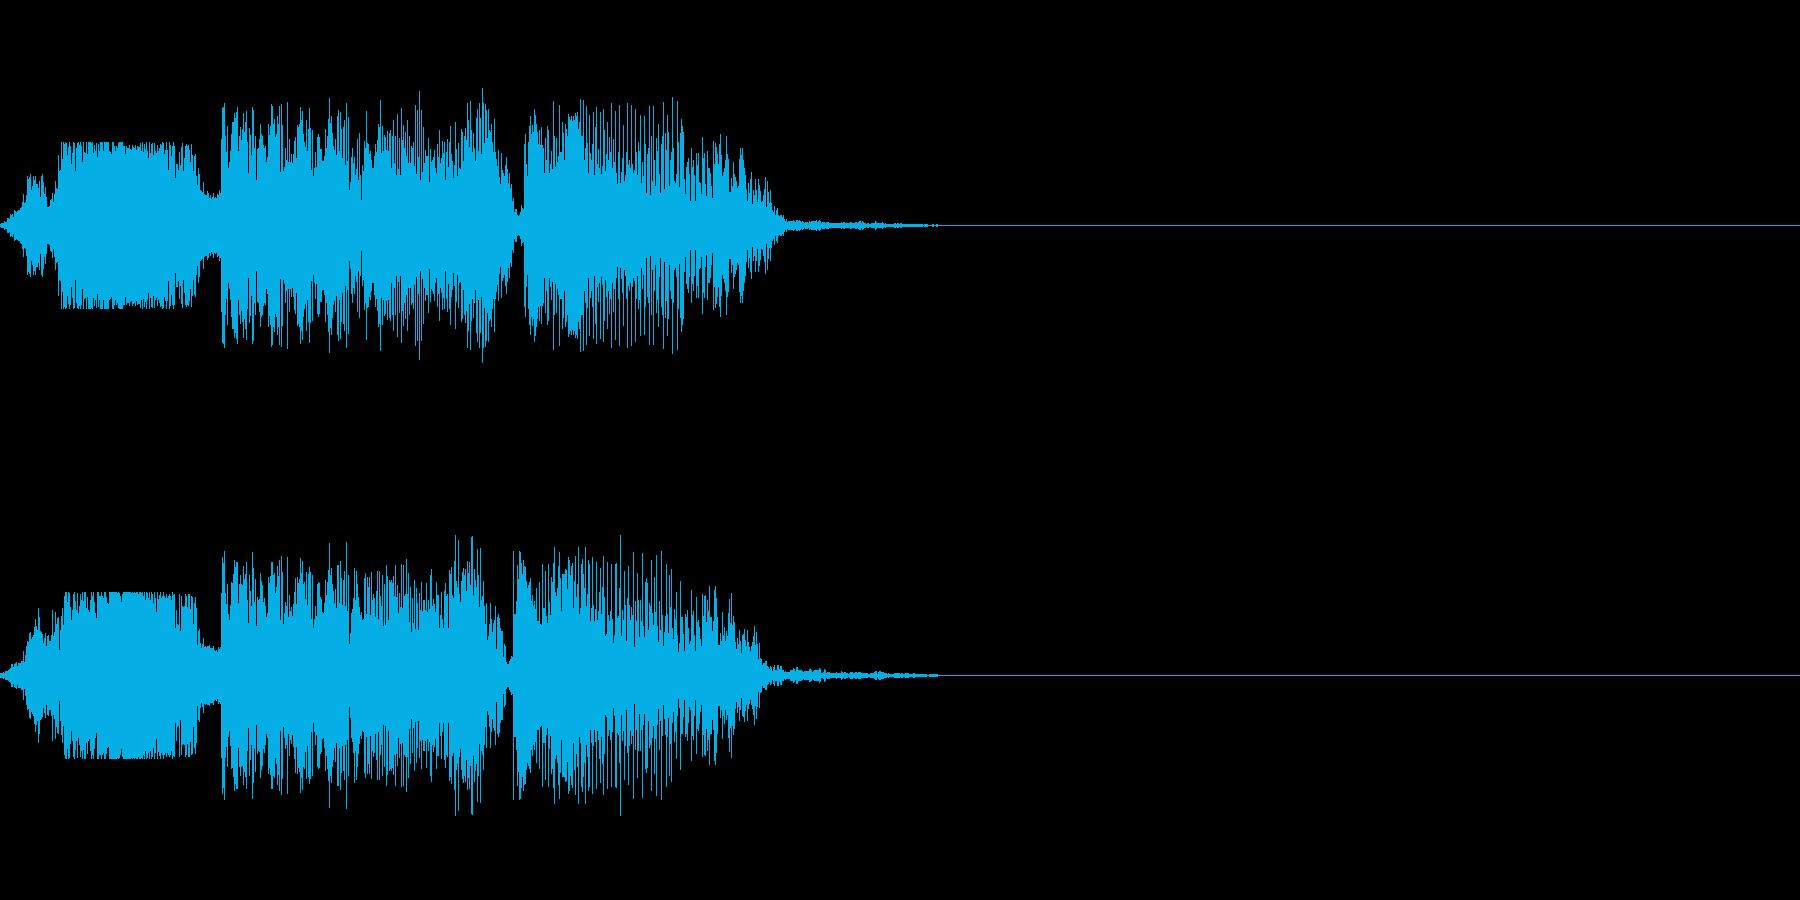 FMラジオパワープレイジングル の再生済みの波形